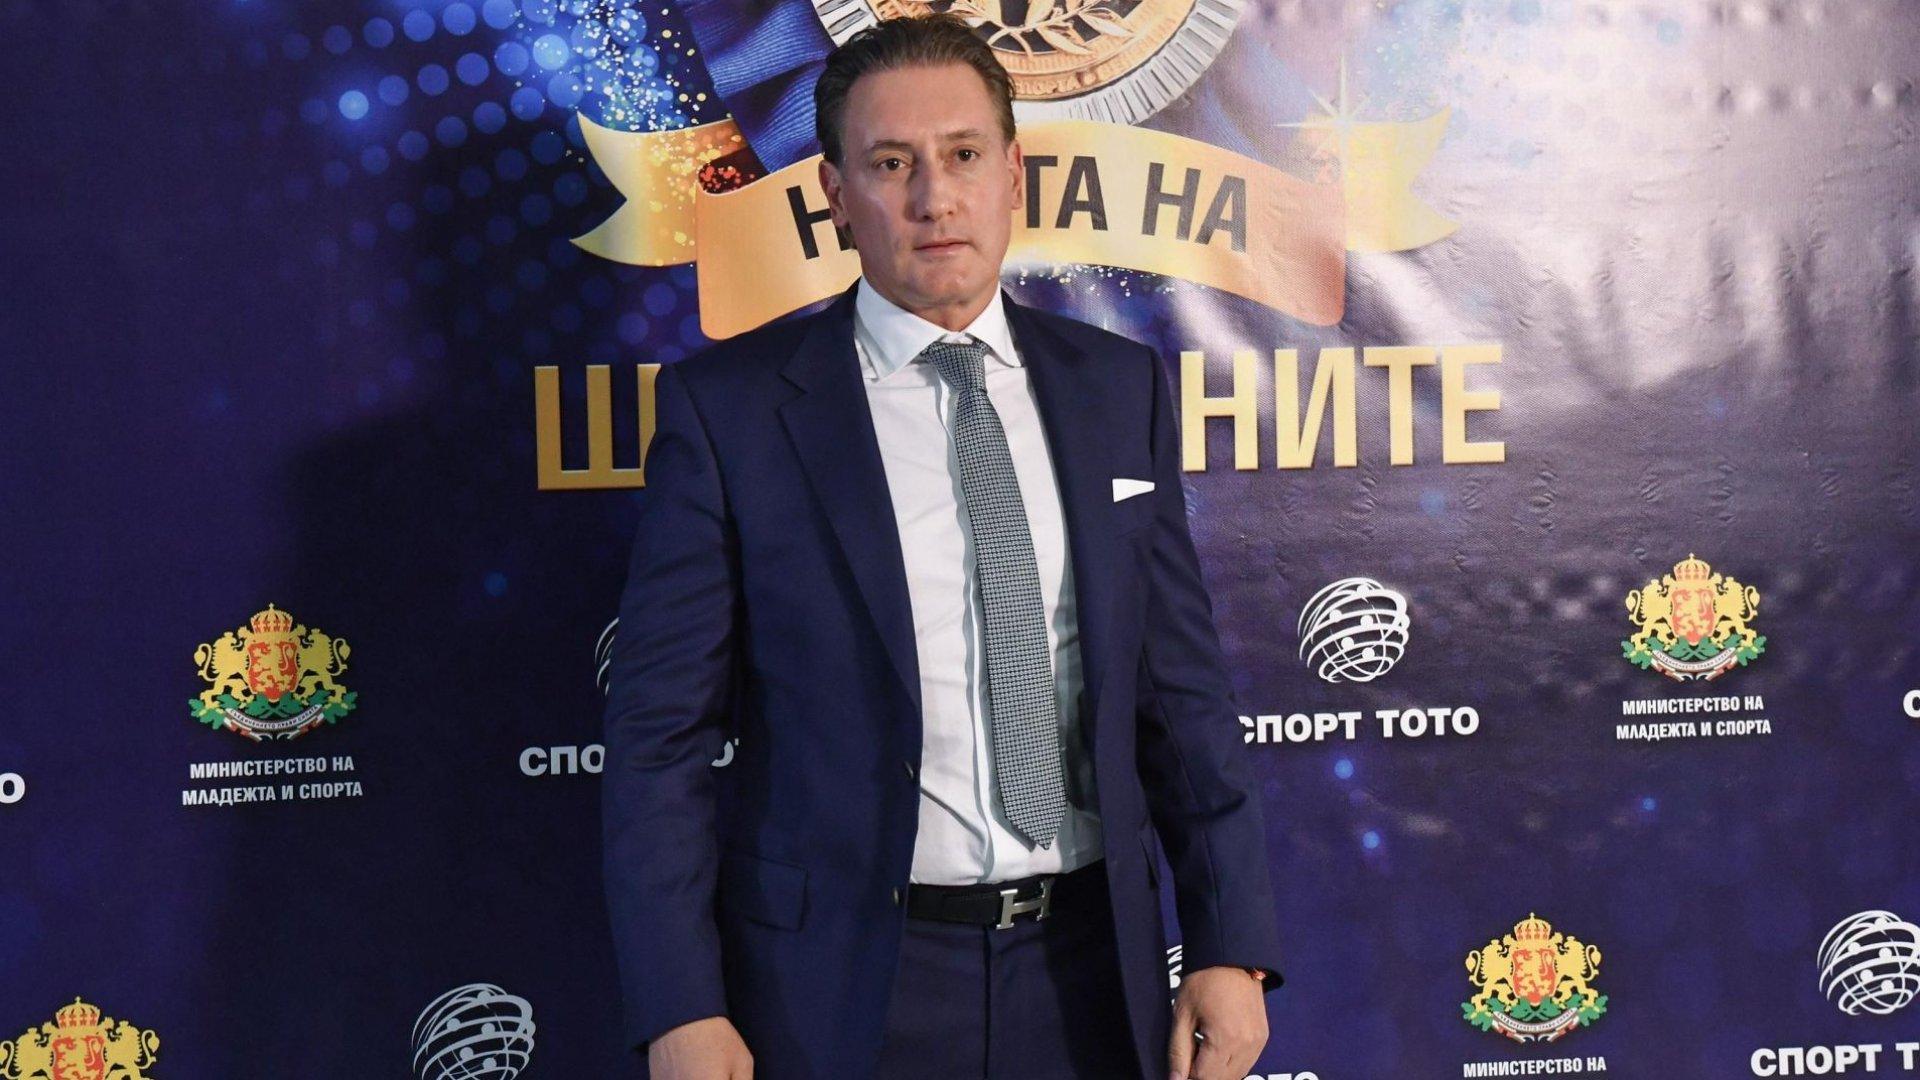 Кирил Домусчиев: Записката е манипулация и издава интелекта на обвиняемия Божков